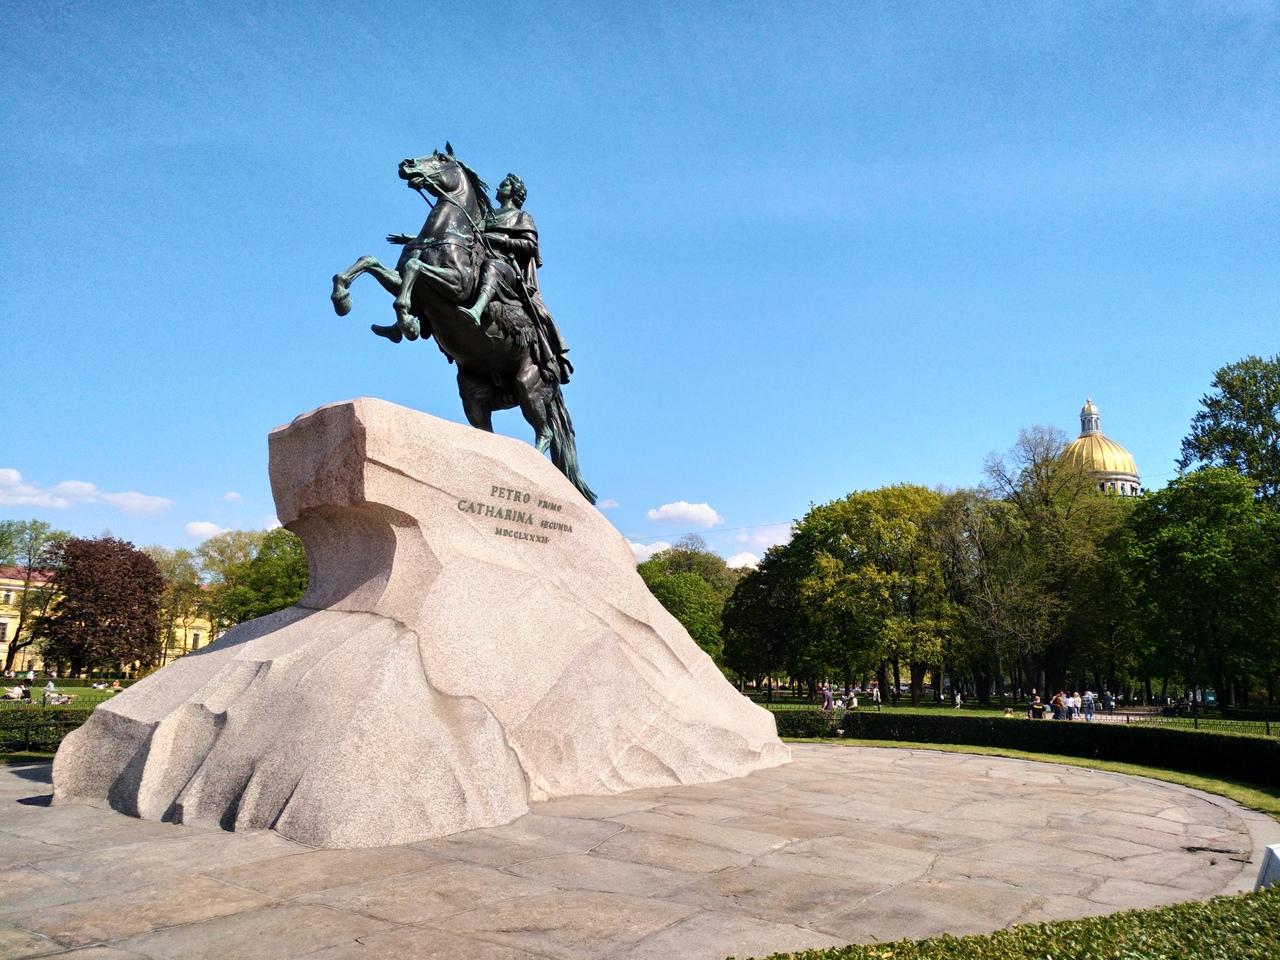 Памятник Петру I Медный всадник. Автор фото Peterburg.center